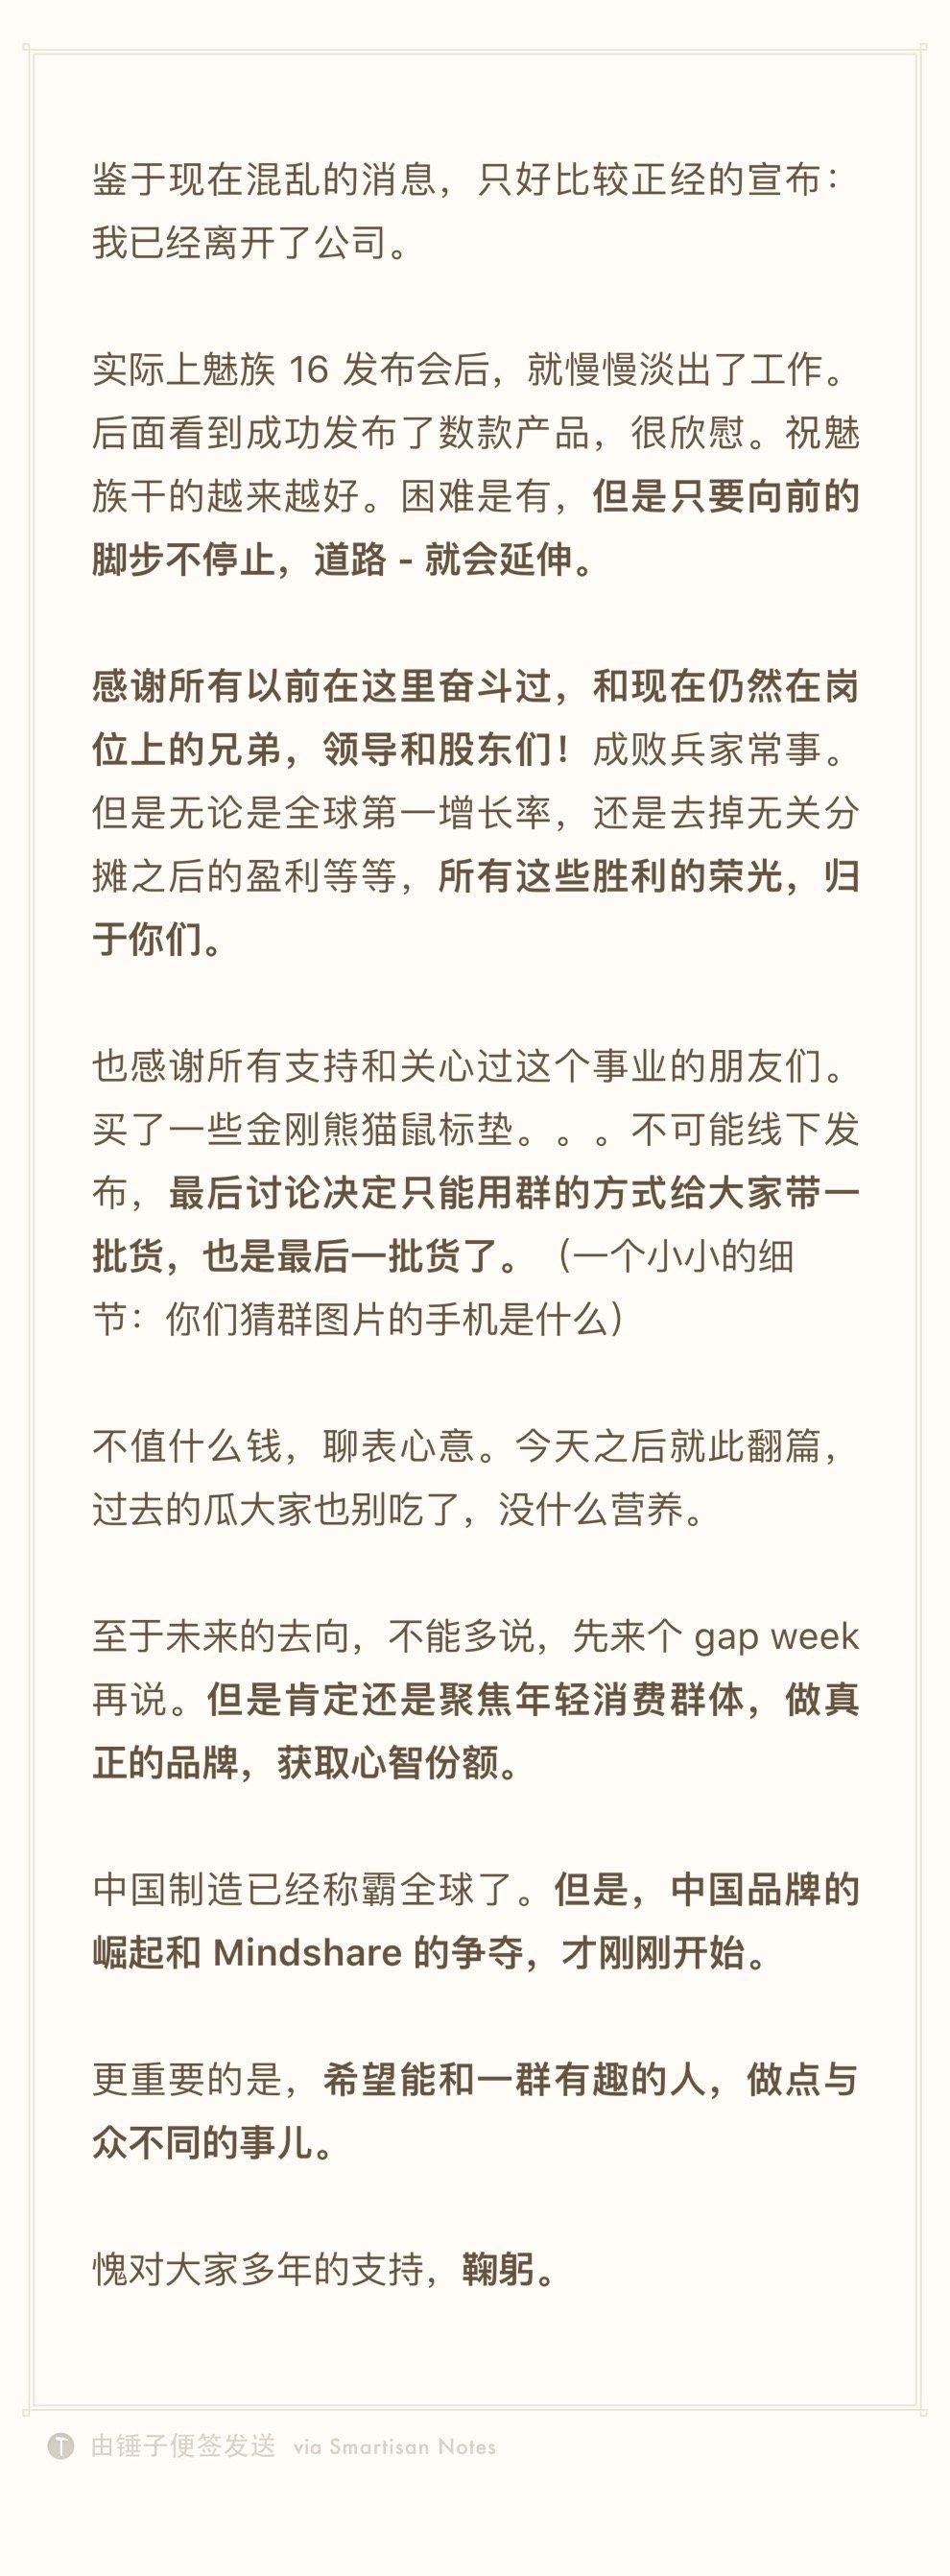 Phó chủ tịch và đồng sáng lập Li Nan rời Meizu 2